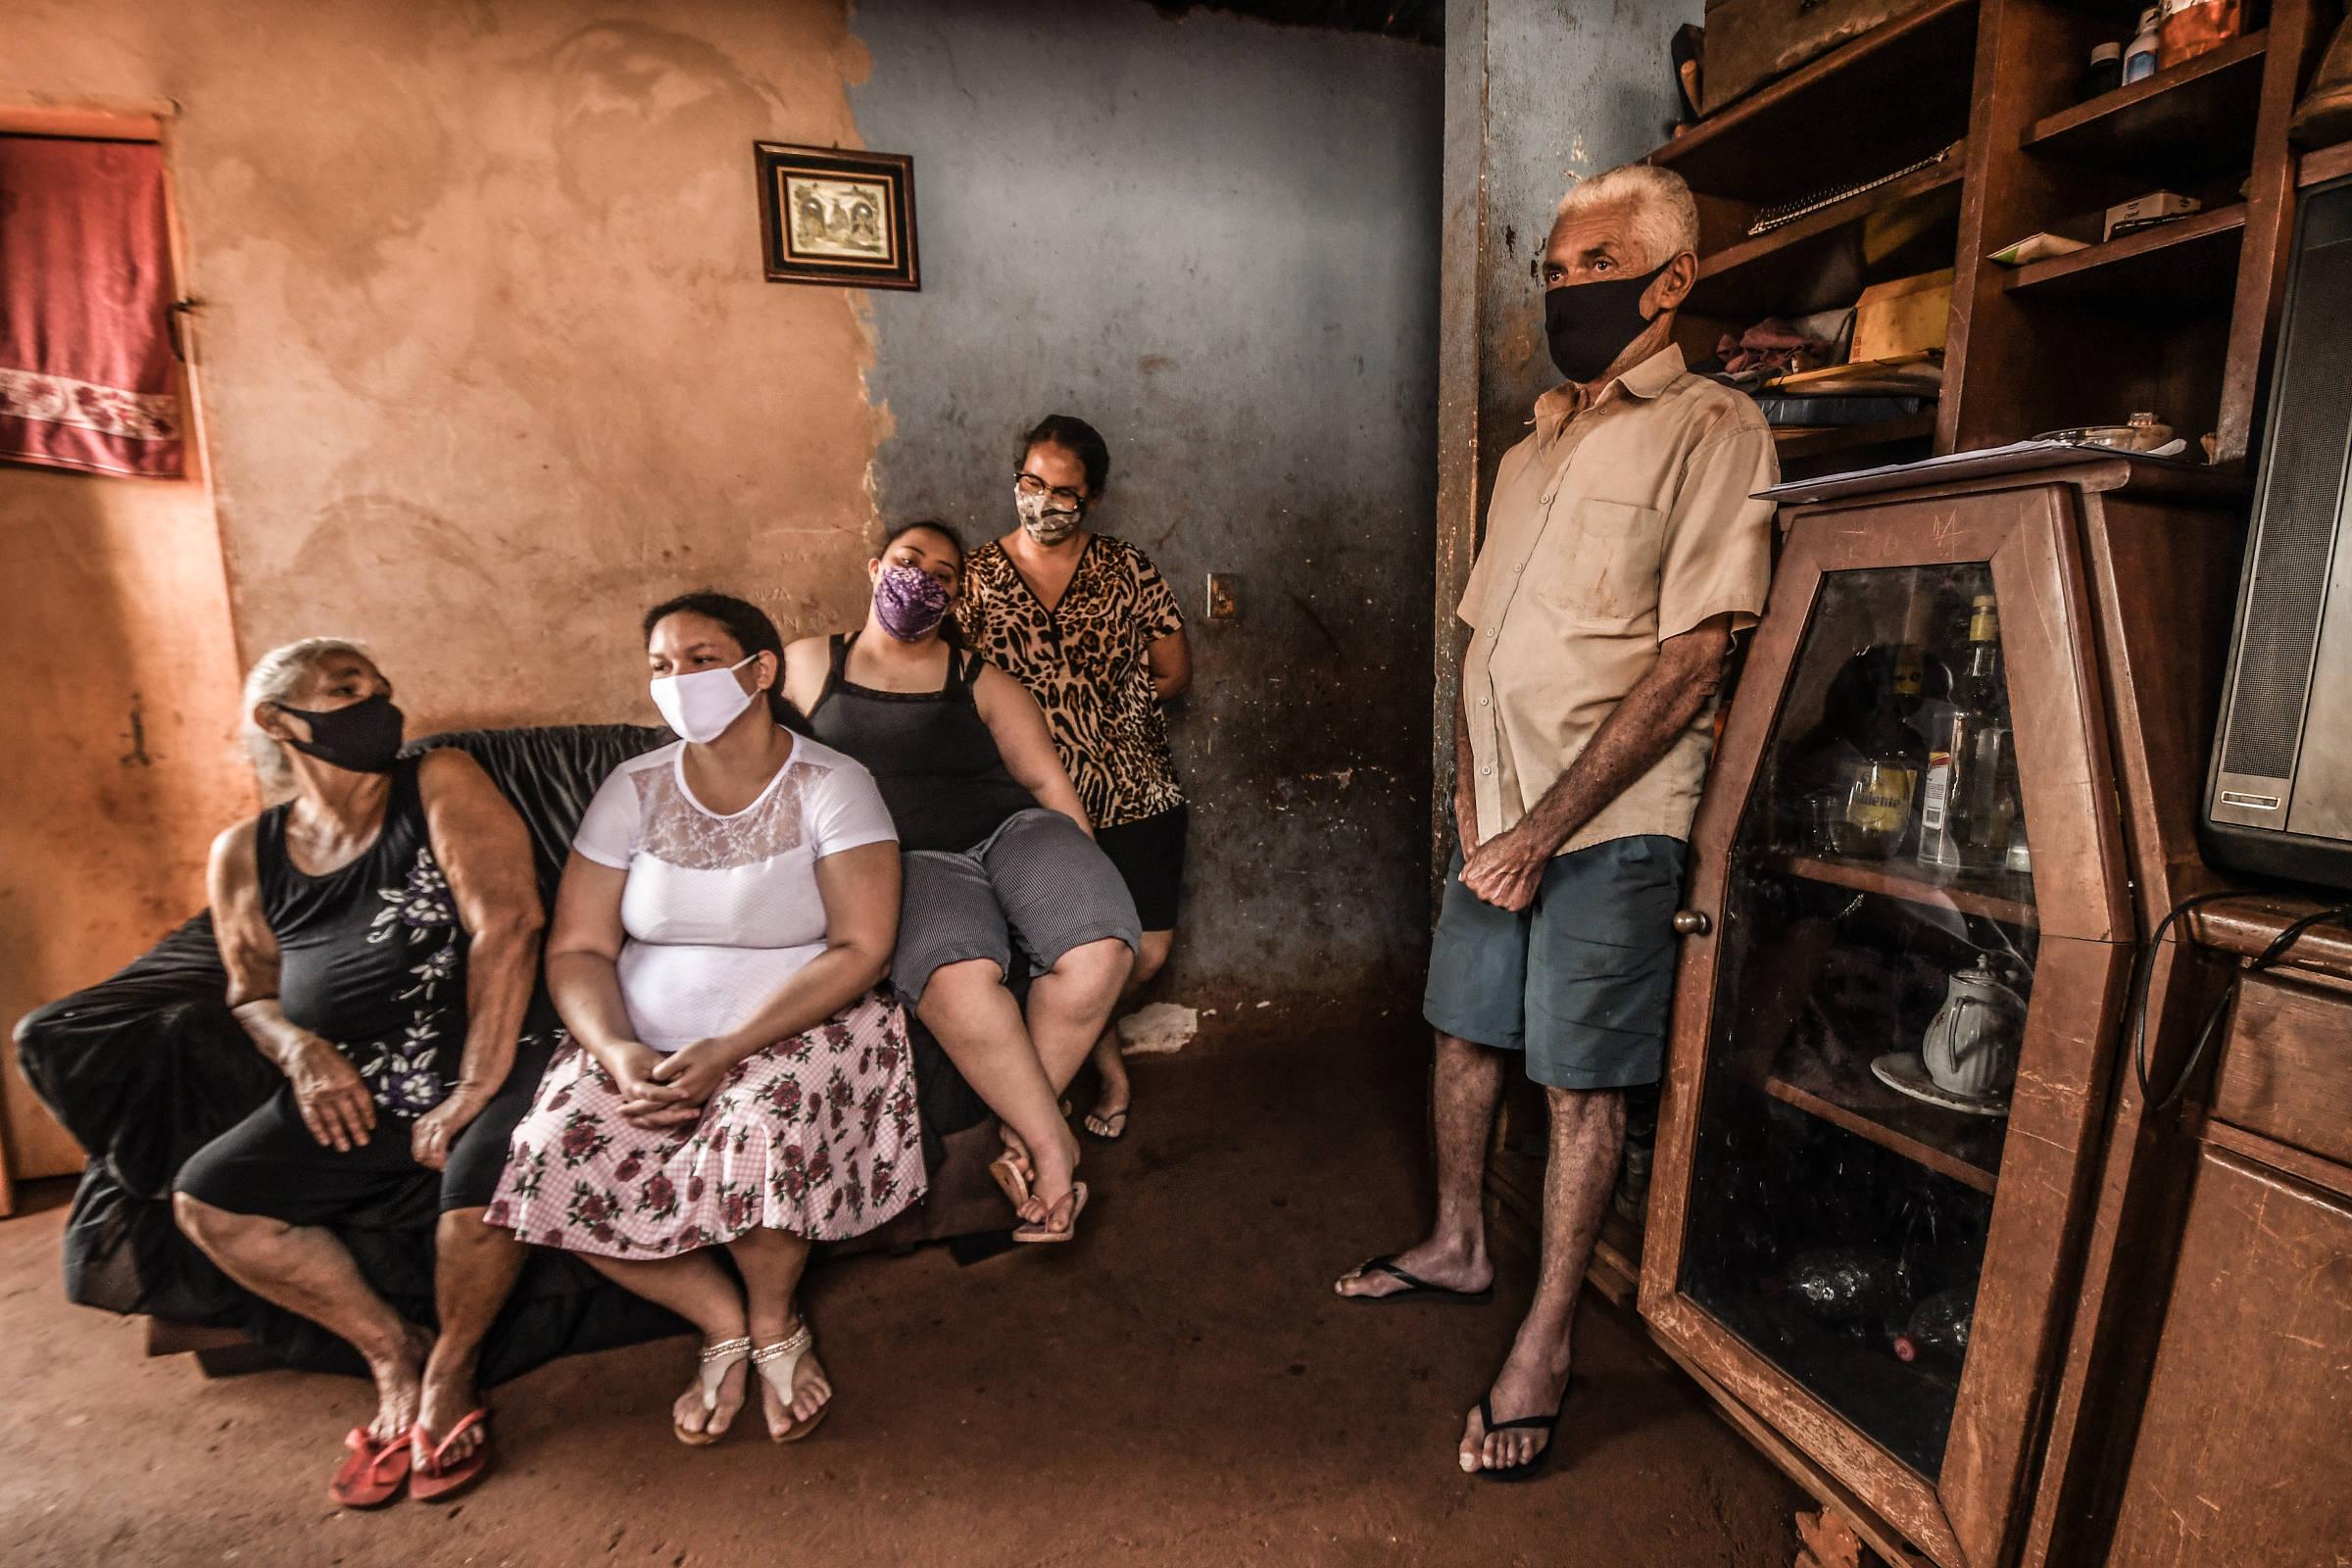 Maria Barbosa Meira, 62, ( à esquerda) foi a primeira moradora a contrair Covid-19 na cidade de Florínea. Na sala de casa, ela está sentada ao lado das filhas, Cristiane Barbosa Meira dos Santos, 35, Ana Luiza Barbosa Meira , 18, e Daniela Barbosa Meira, 37, em pé, o marido de Maria, Aldo Vasconcelos Meira, 62